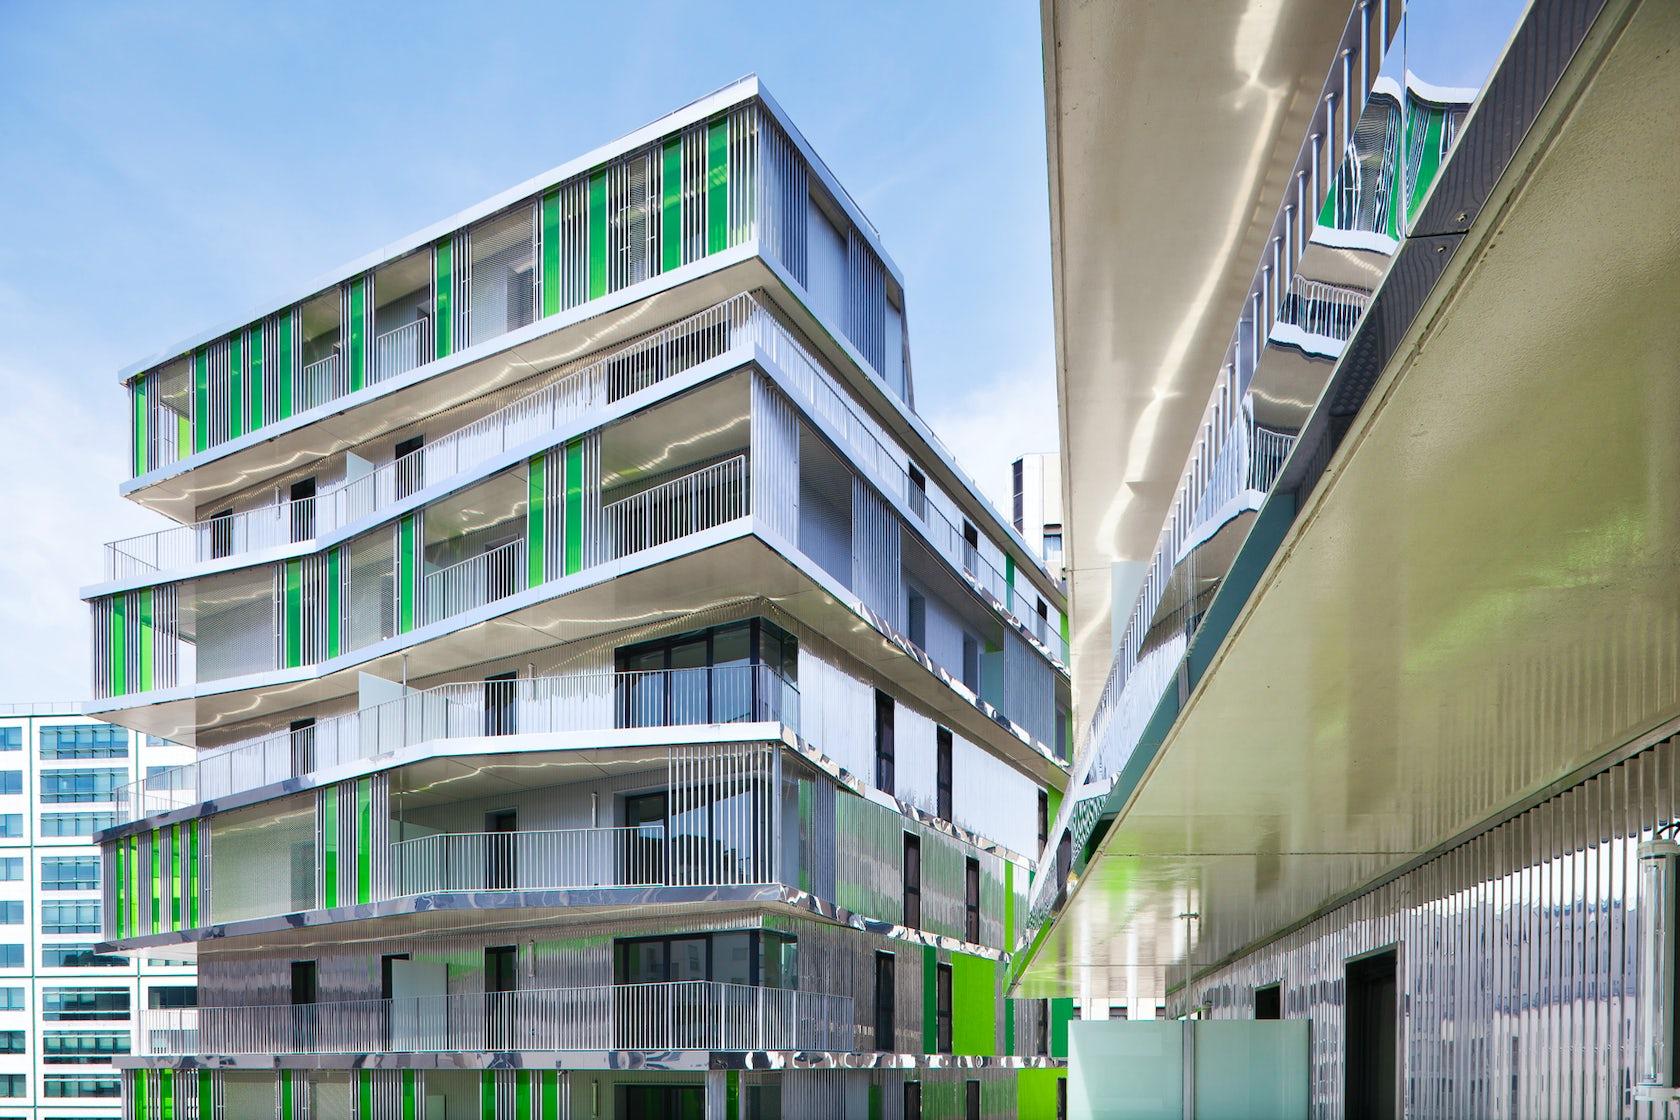 62 council flats villiot r p e paris 12 architizer. Black Bedroom Furniture Sets. Home Design Ideas